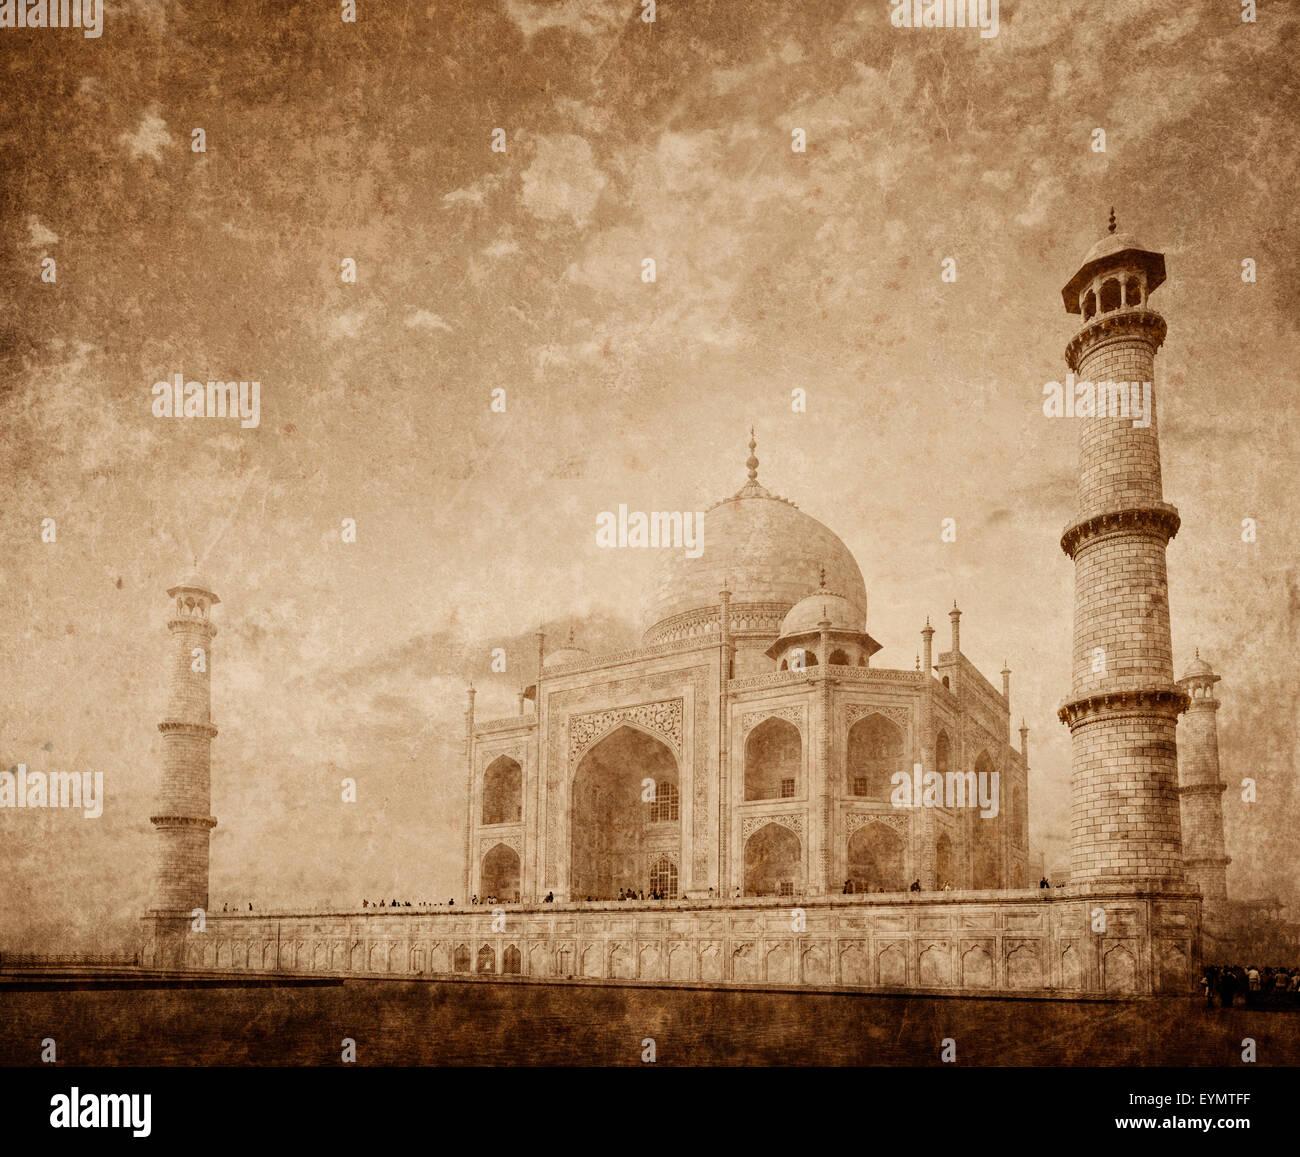 Taj Mahal indisches Symbol - Indien Reisen Hintergrund mit Grunge Texturen überlagert. Agra, Indien Stockbild